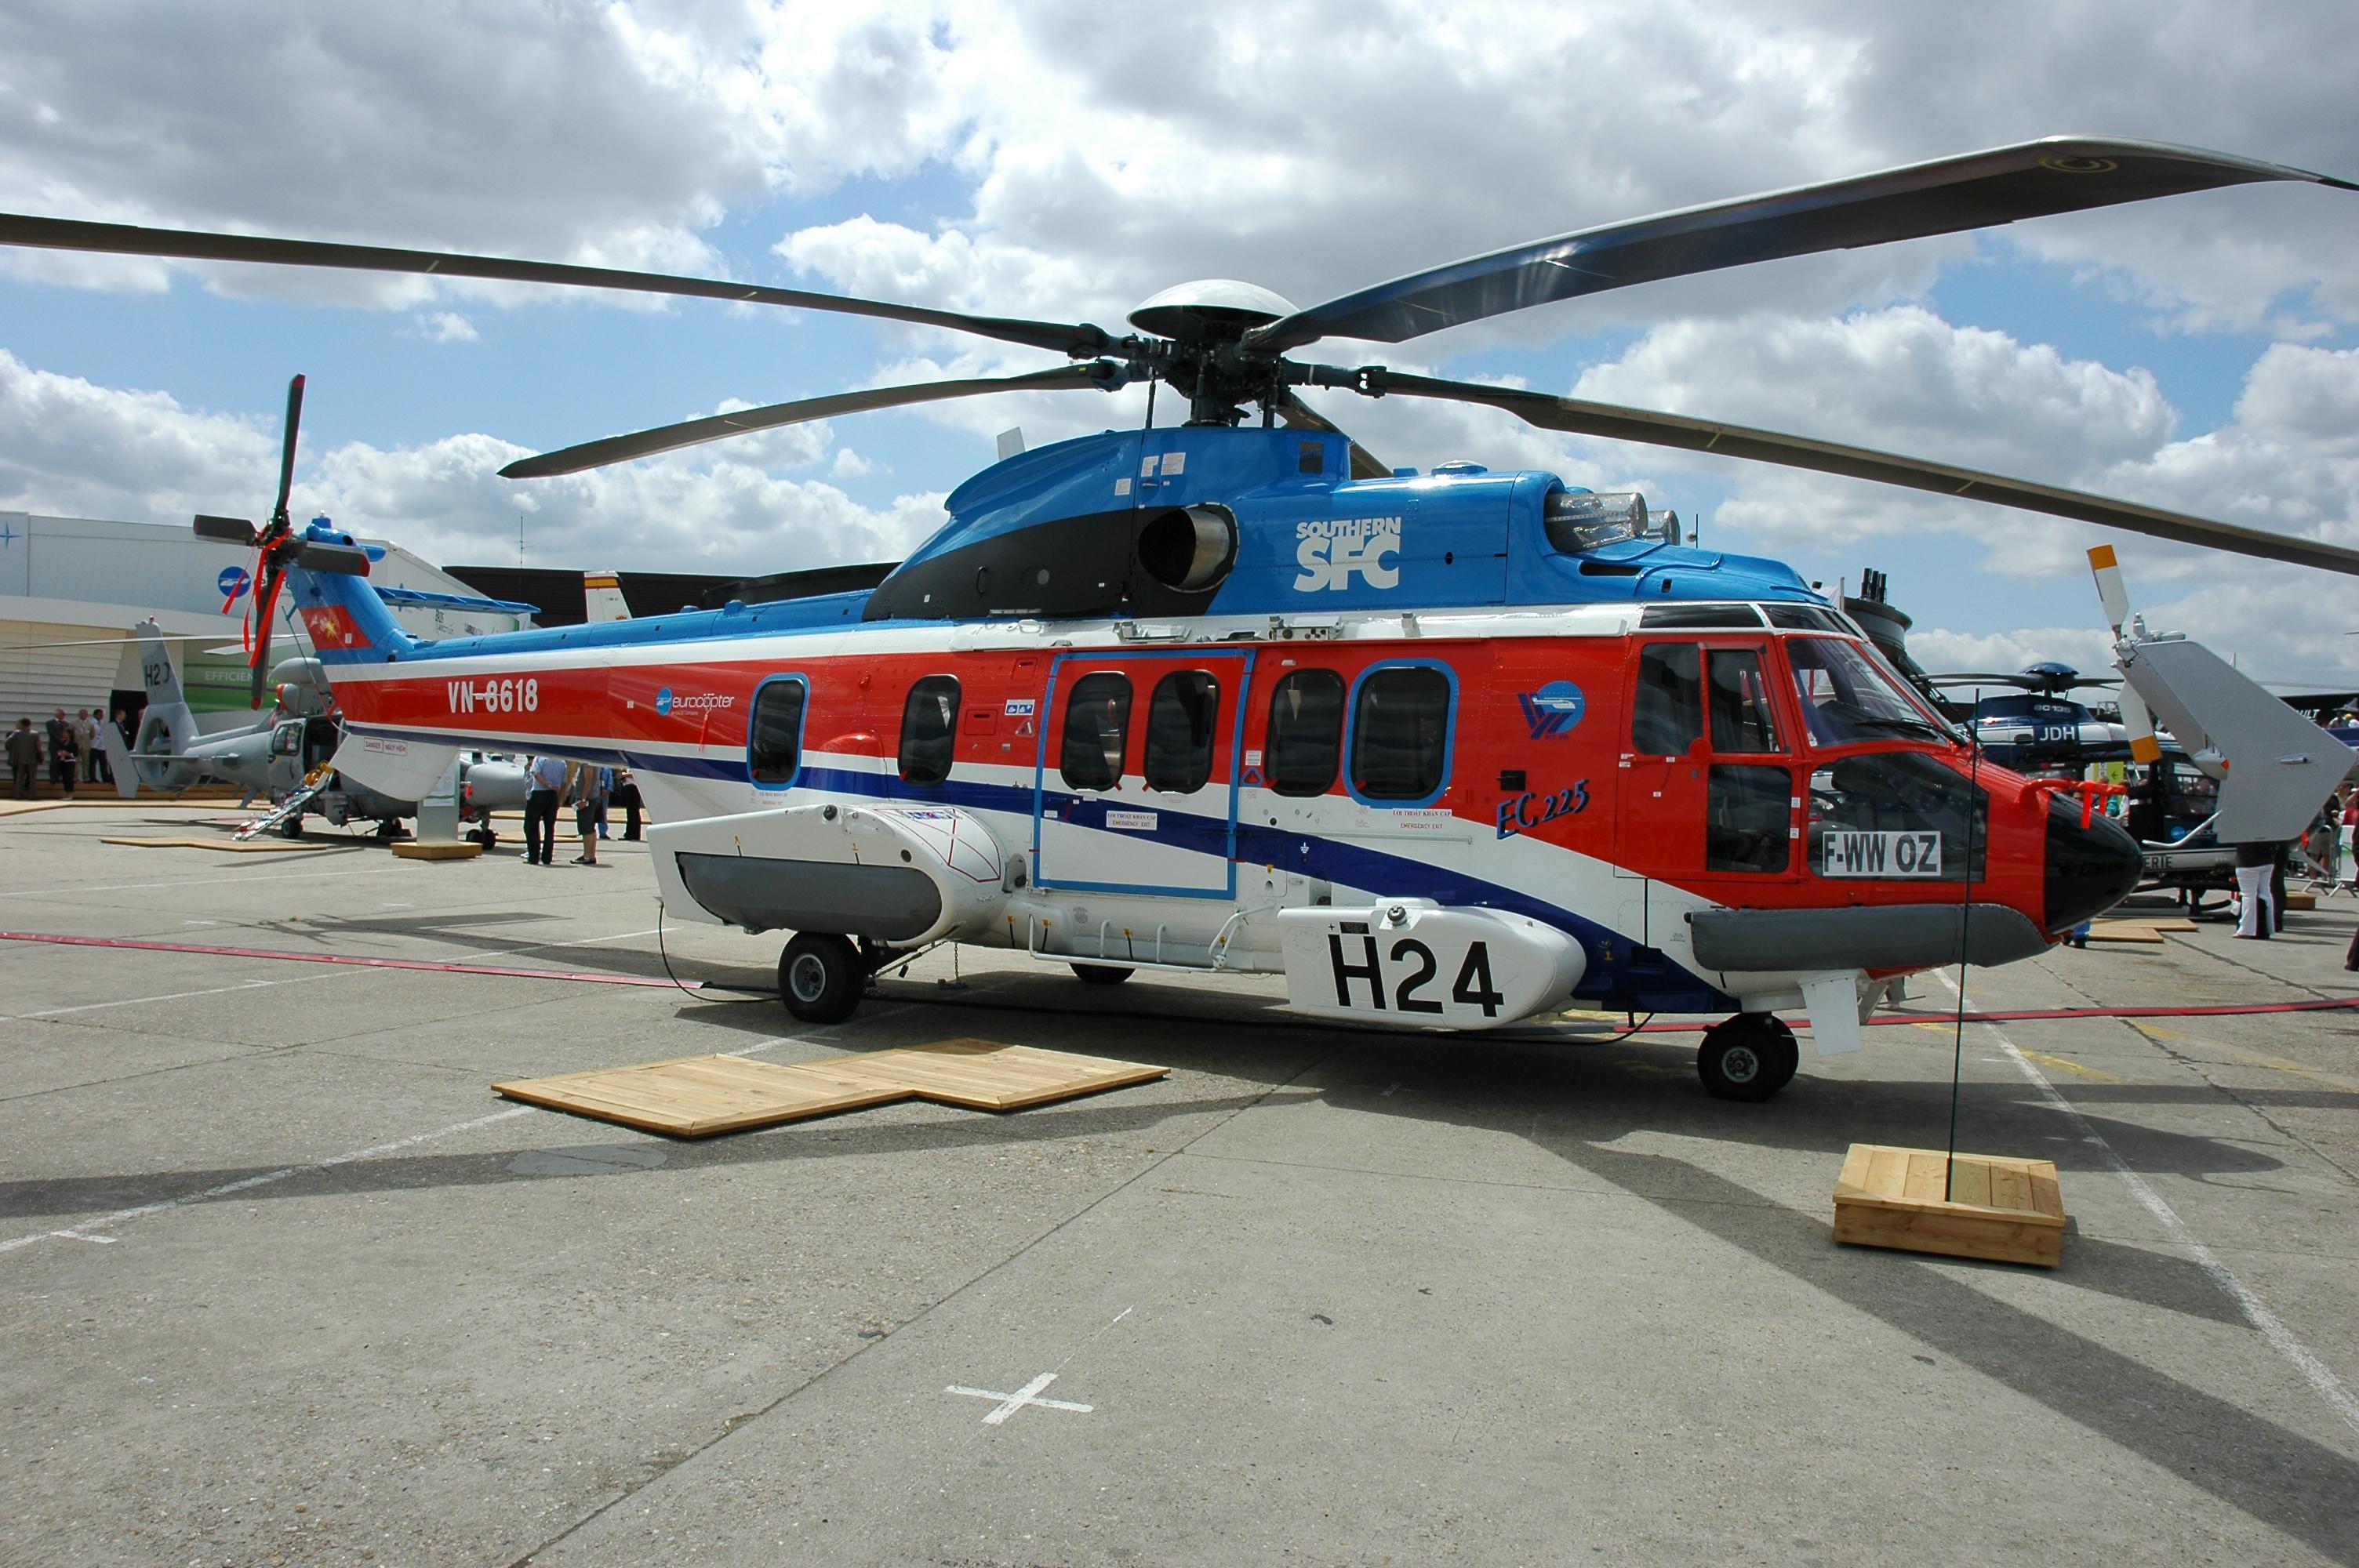 Eurocopter EC225 Super Puma – Wikipedia tiếng Việt